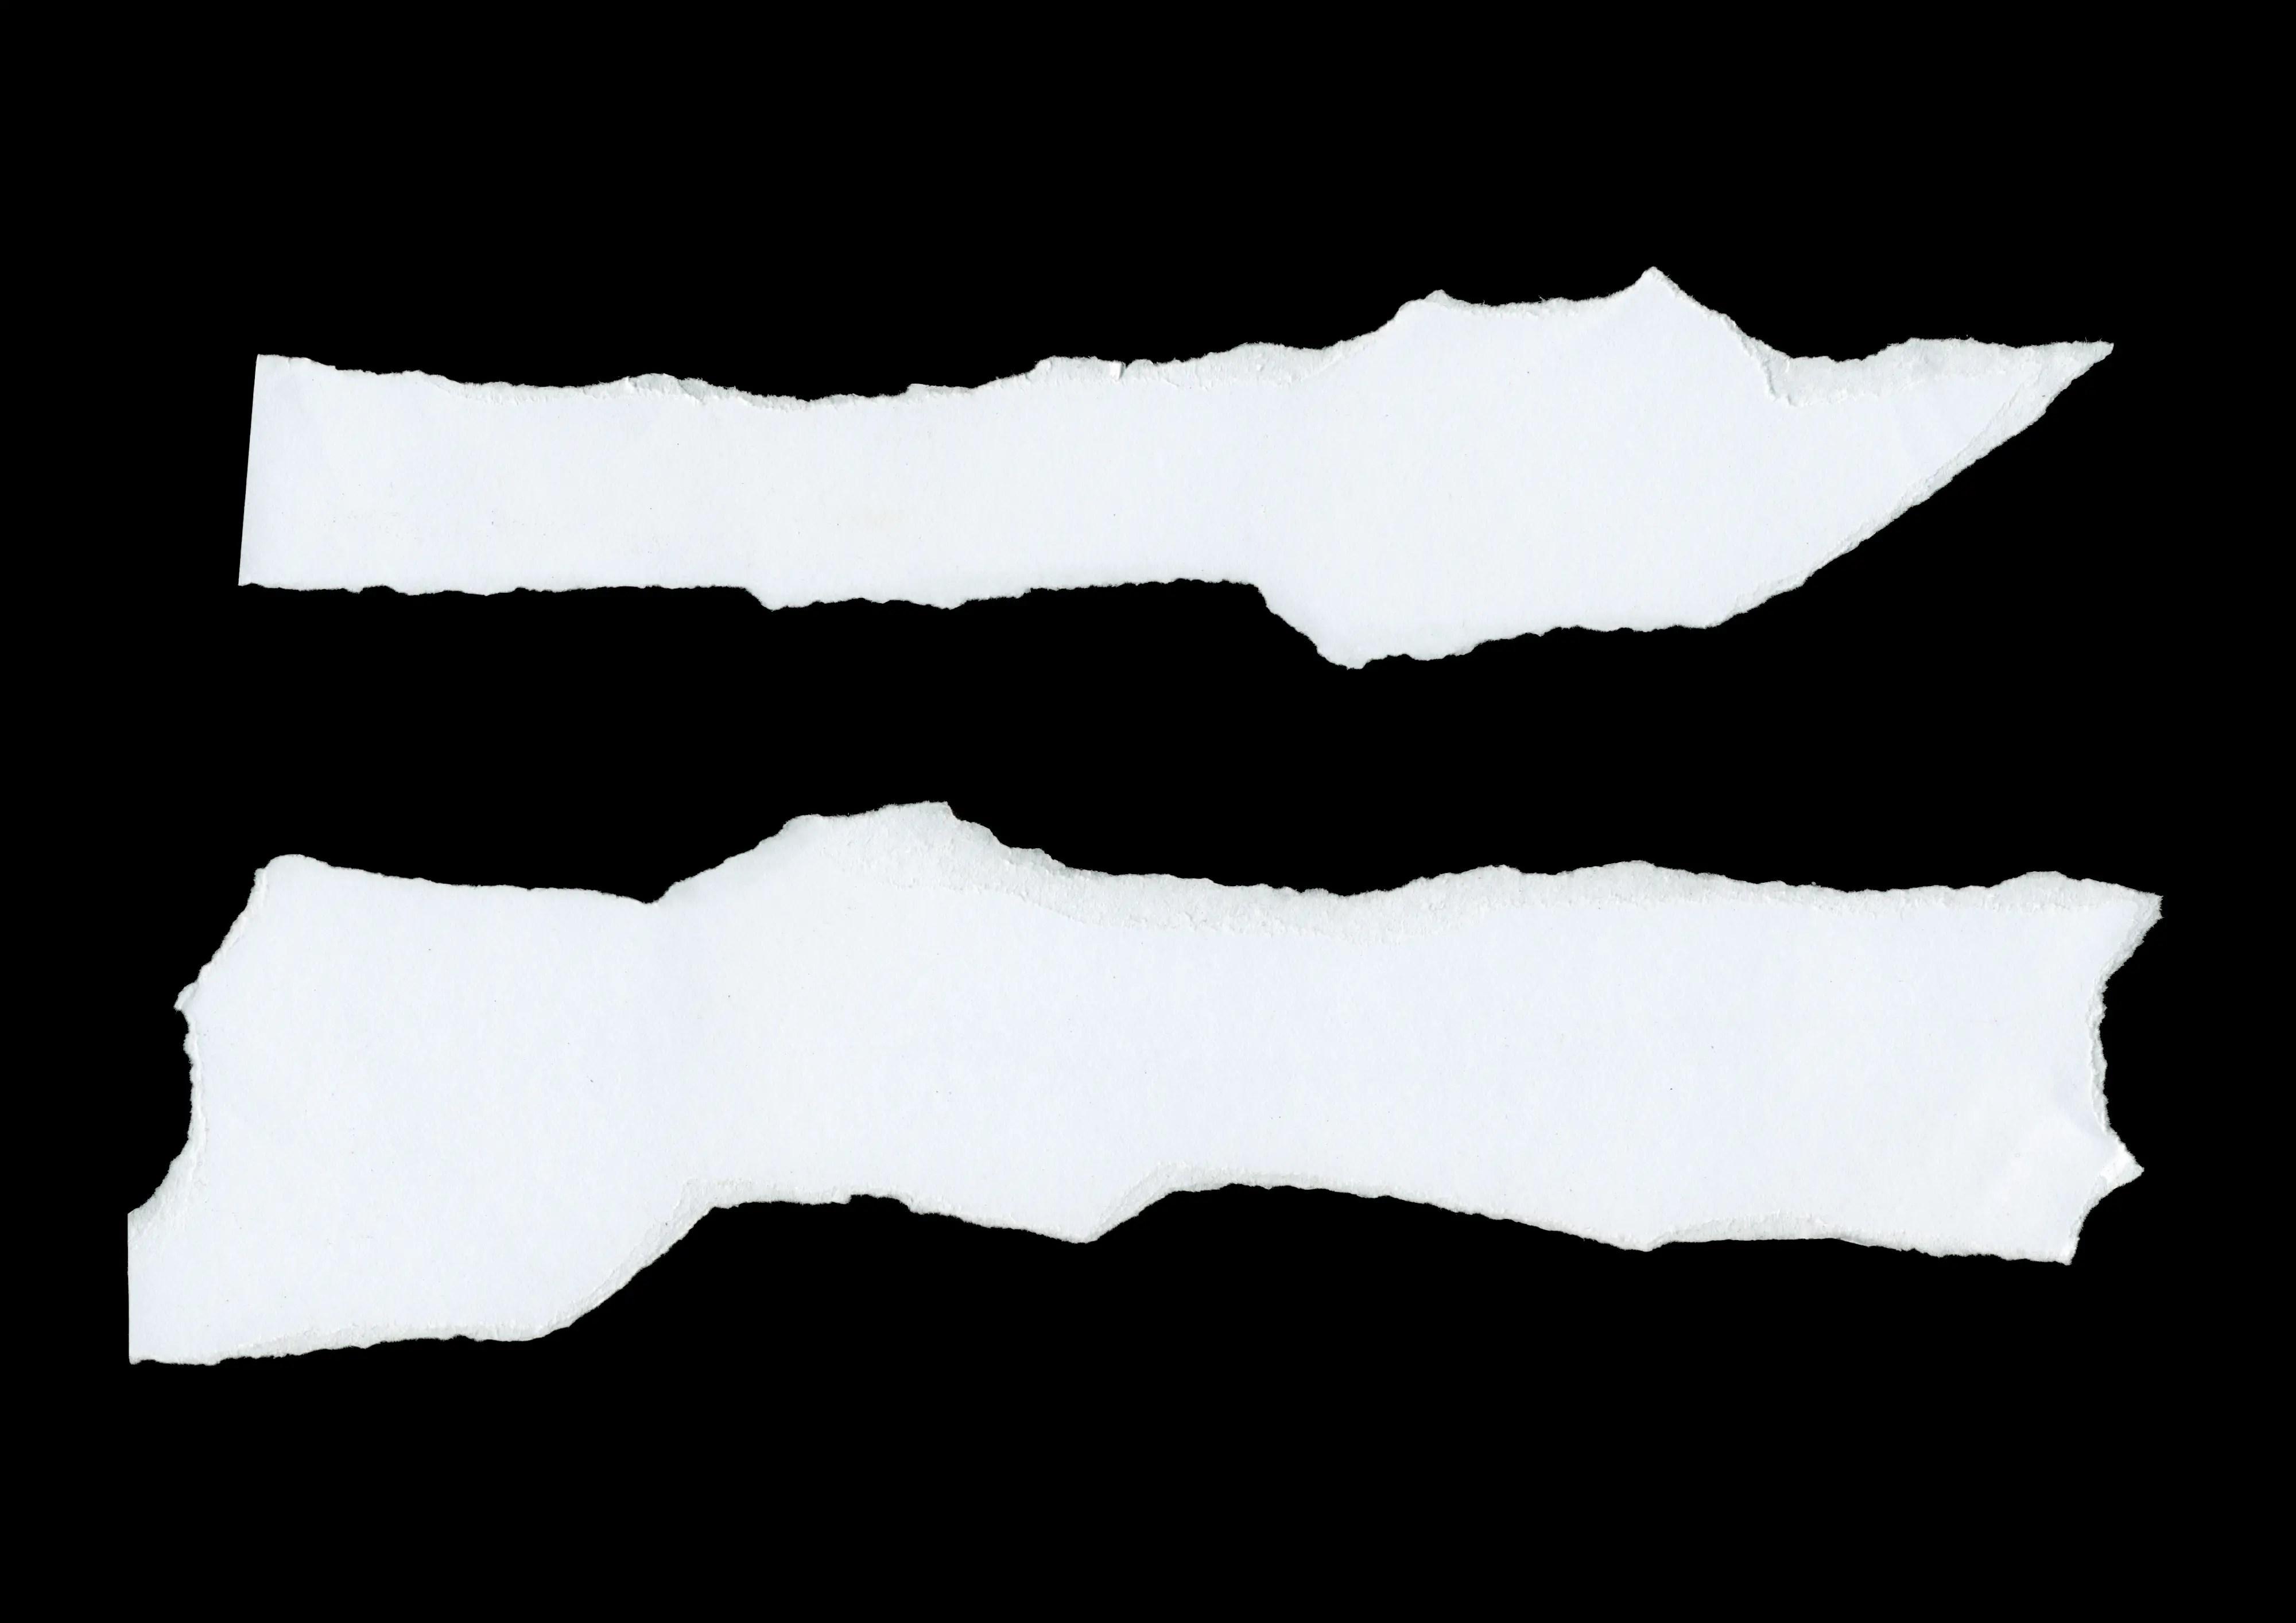 10 Torn Paper Textures Vol.3